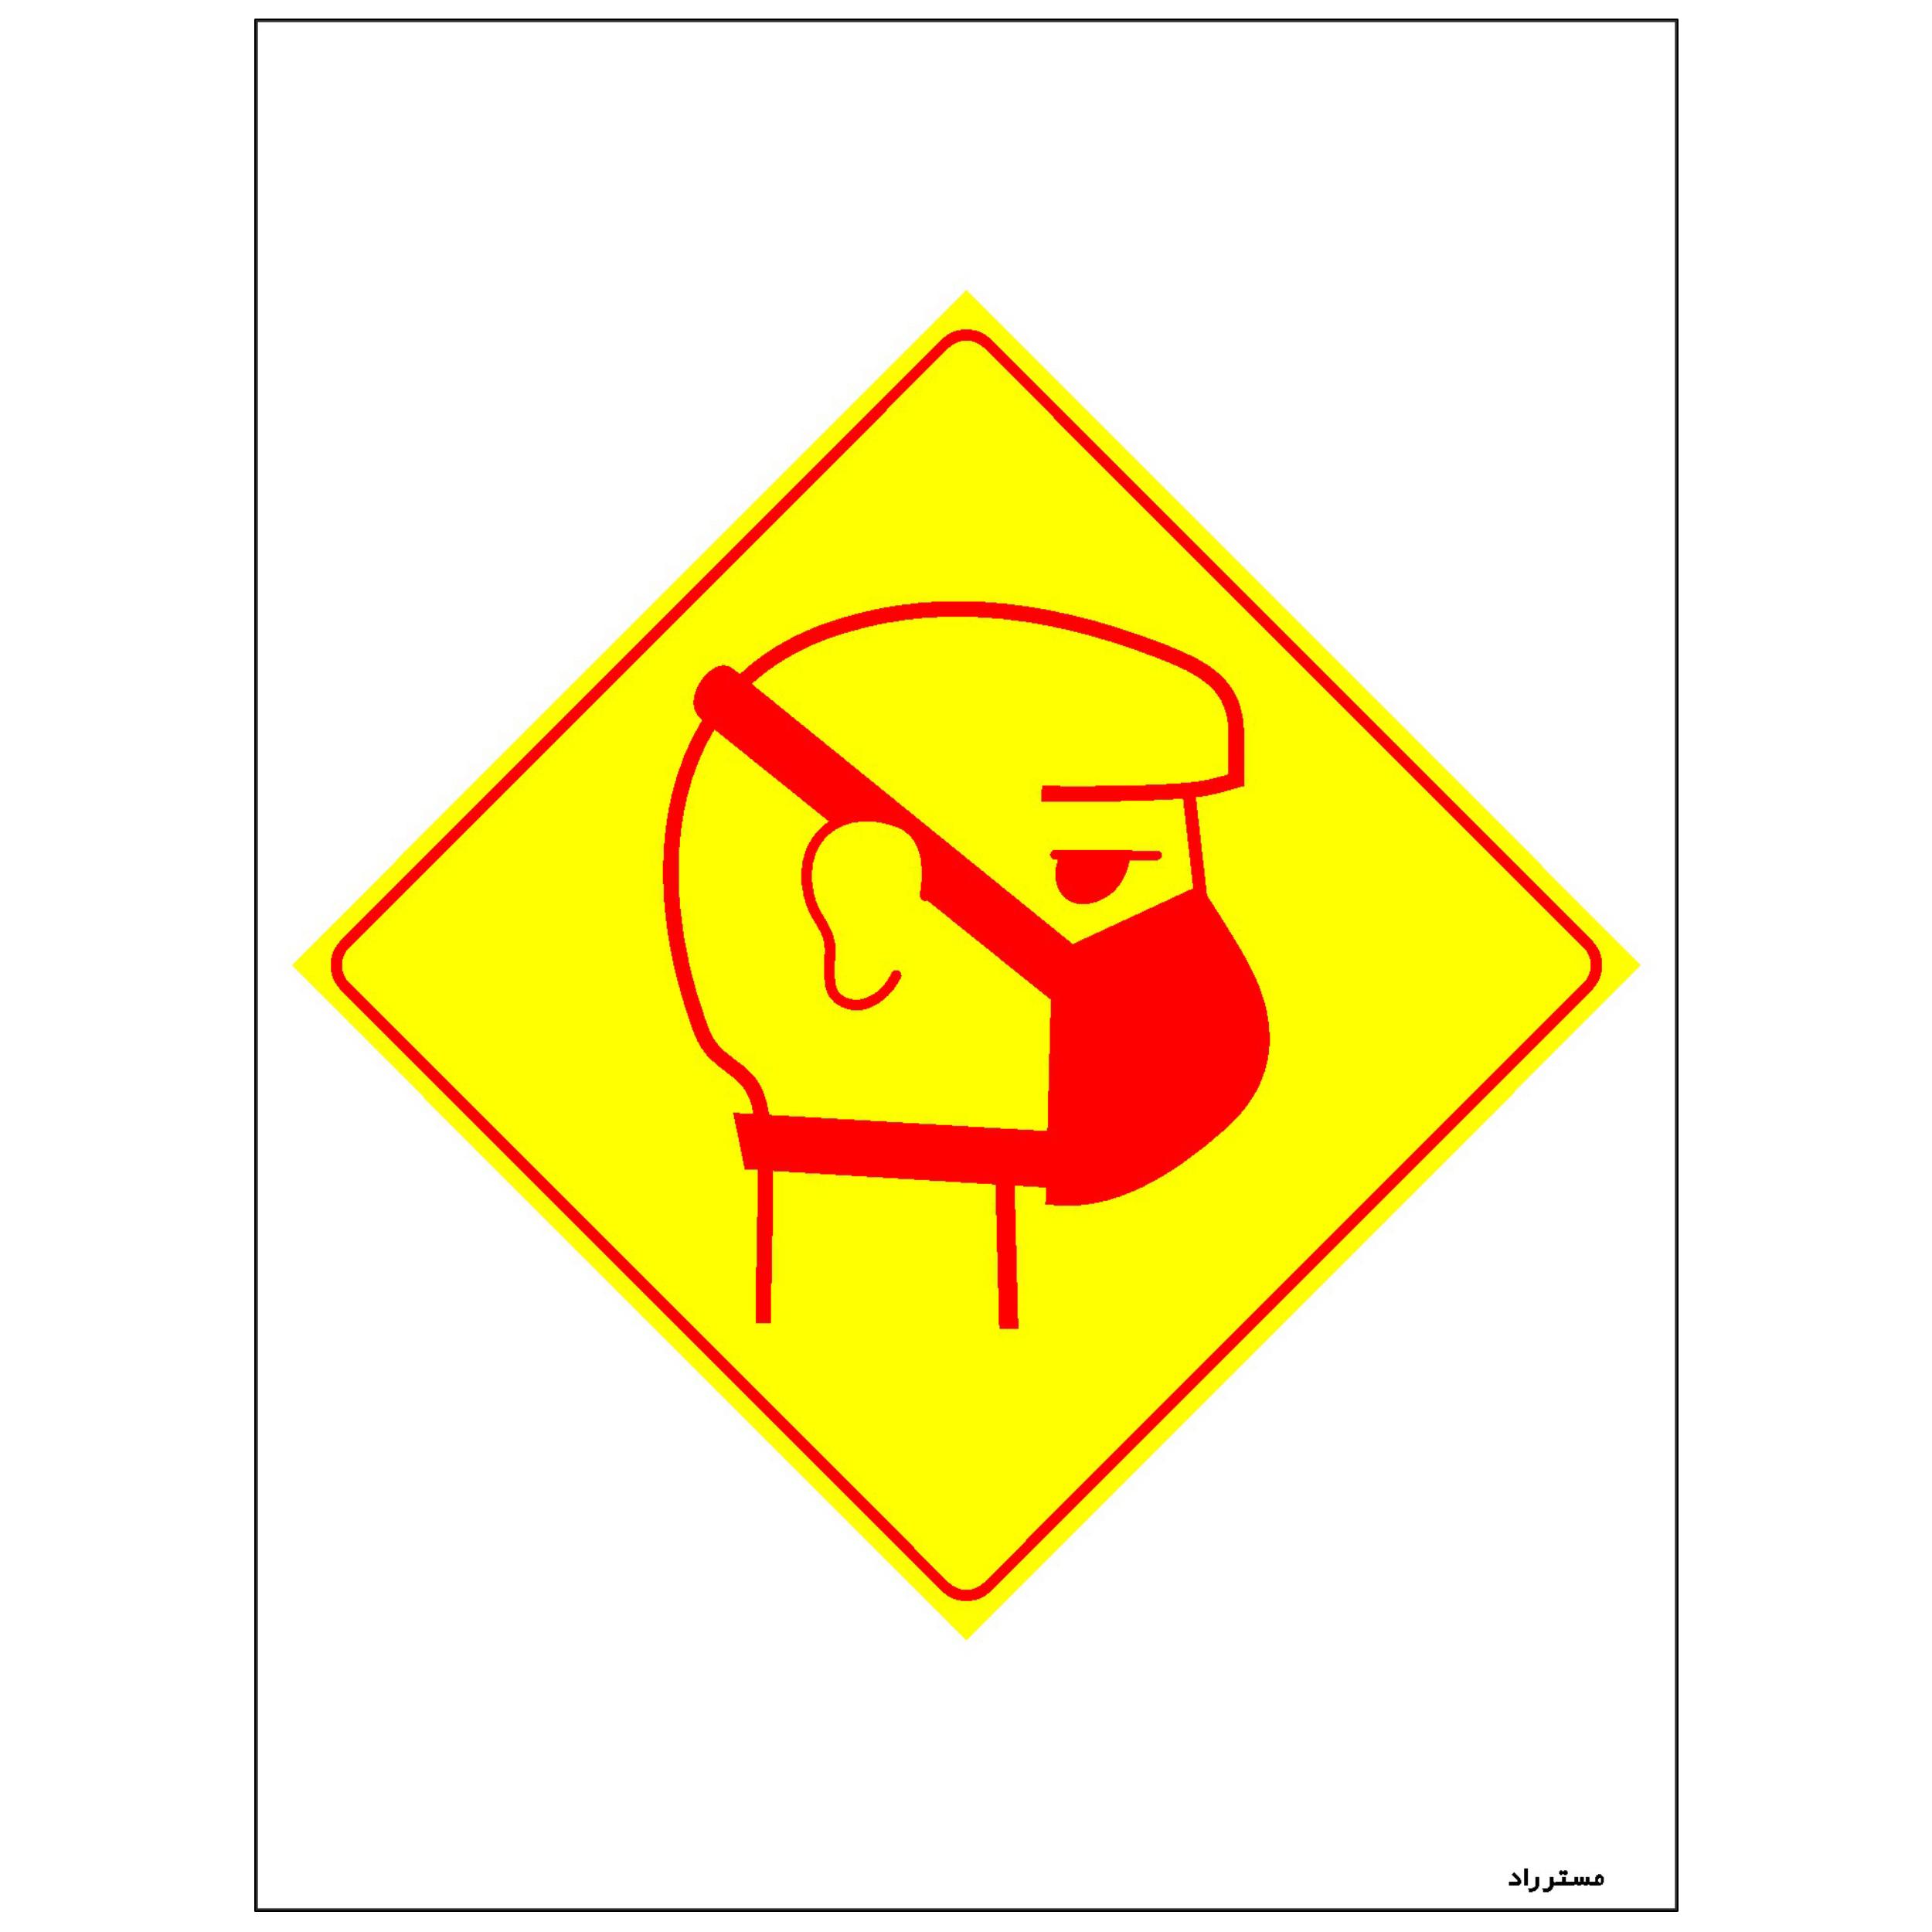 برچسب ایمنی FG طرح ورود بدون ماسک ممنوع کد HSE01 بسته 2 عددی